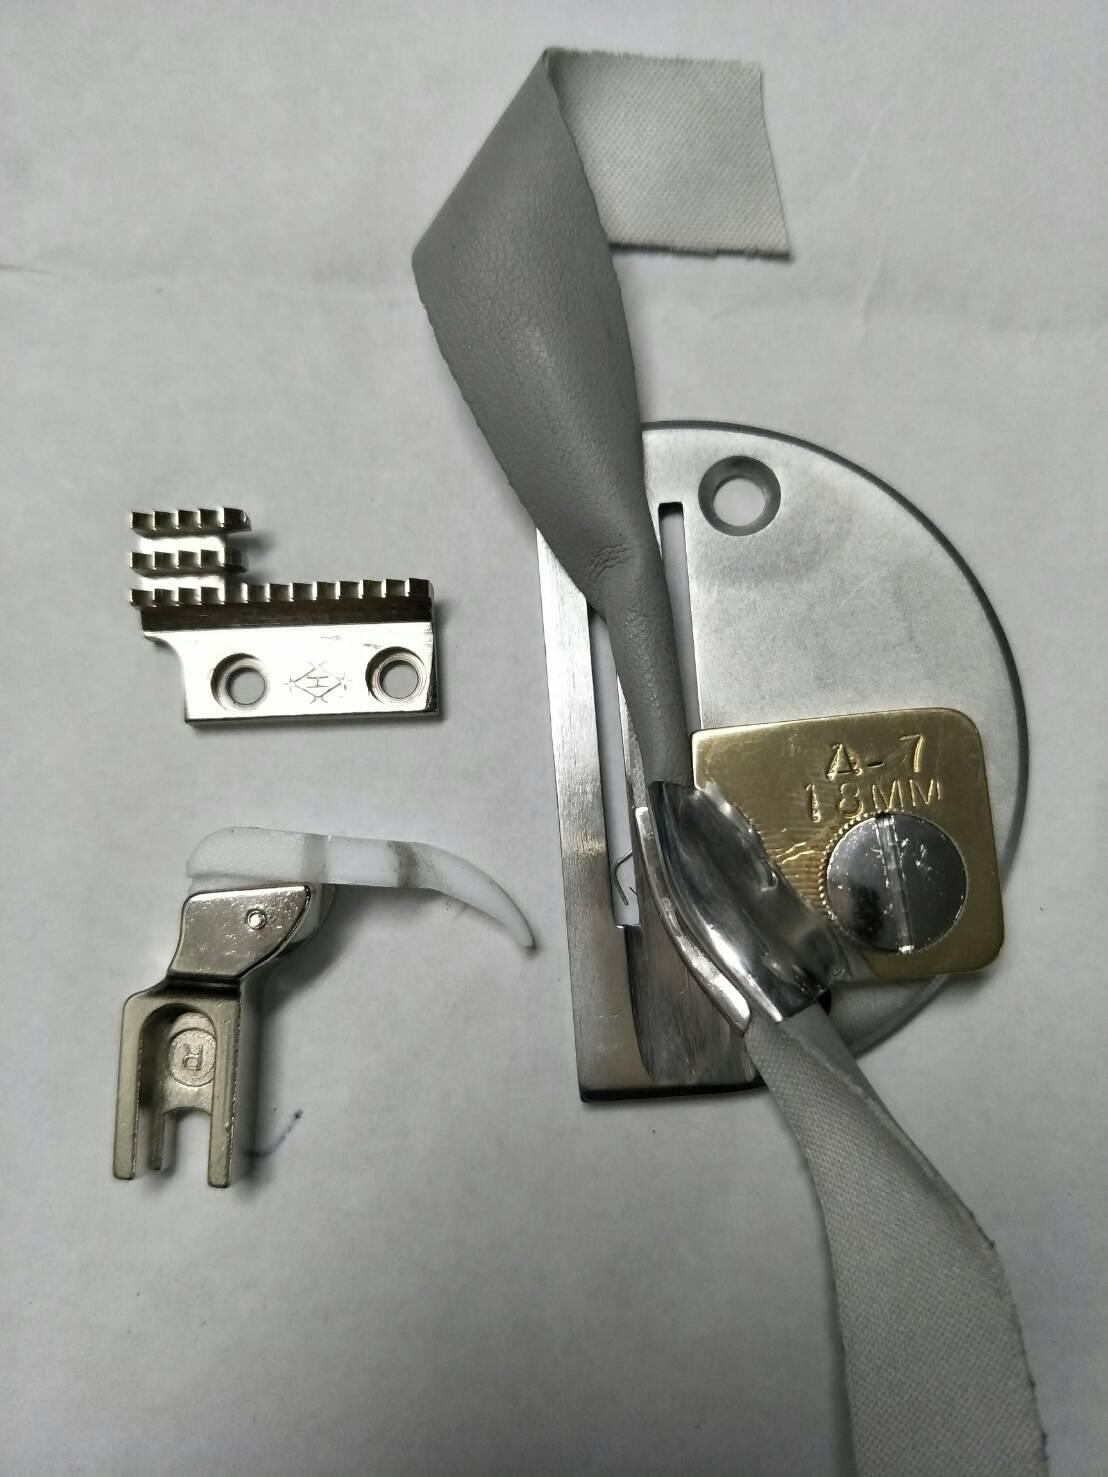 職業用 買い物 工業用1本針本縫いミシン専用 手袋パイピング縫製アタッチメント モデルNO-SSM-A7P型 3つ折り ラッパ 送り歯の4点セット 針板 感謝価格 専用テフロン押さえ金